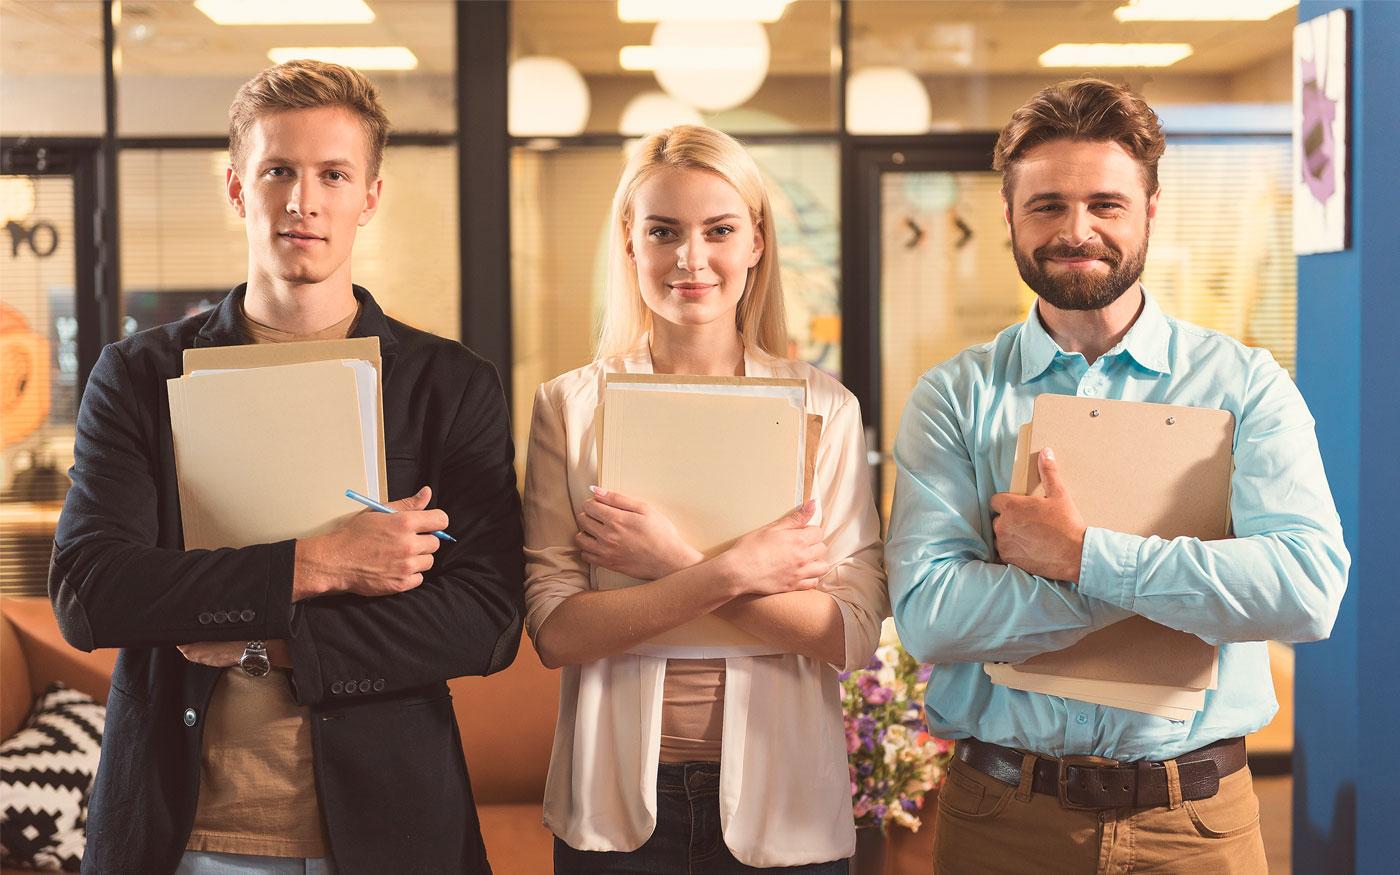 Kandidater der laver denne stilling inden en jobsamtale, får oftere tilbudt jobbet